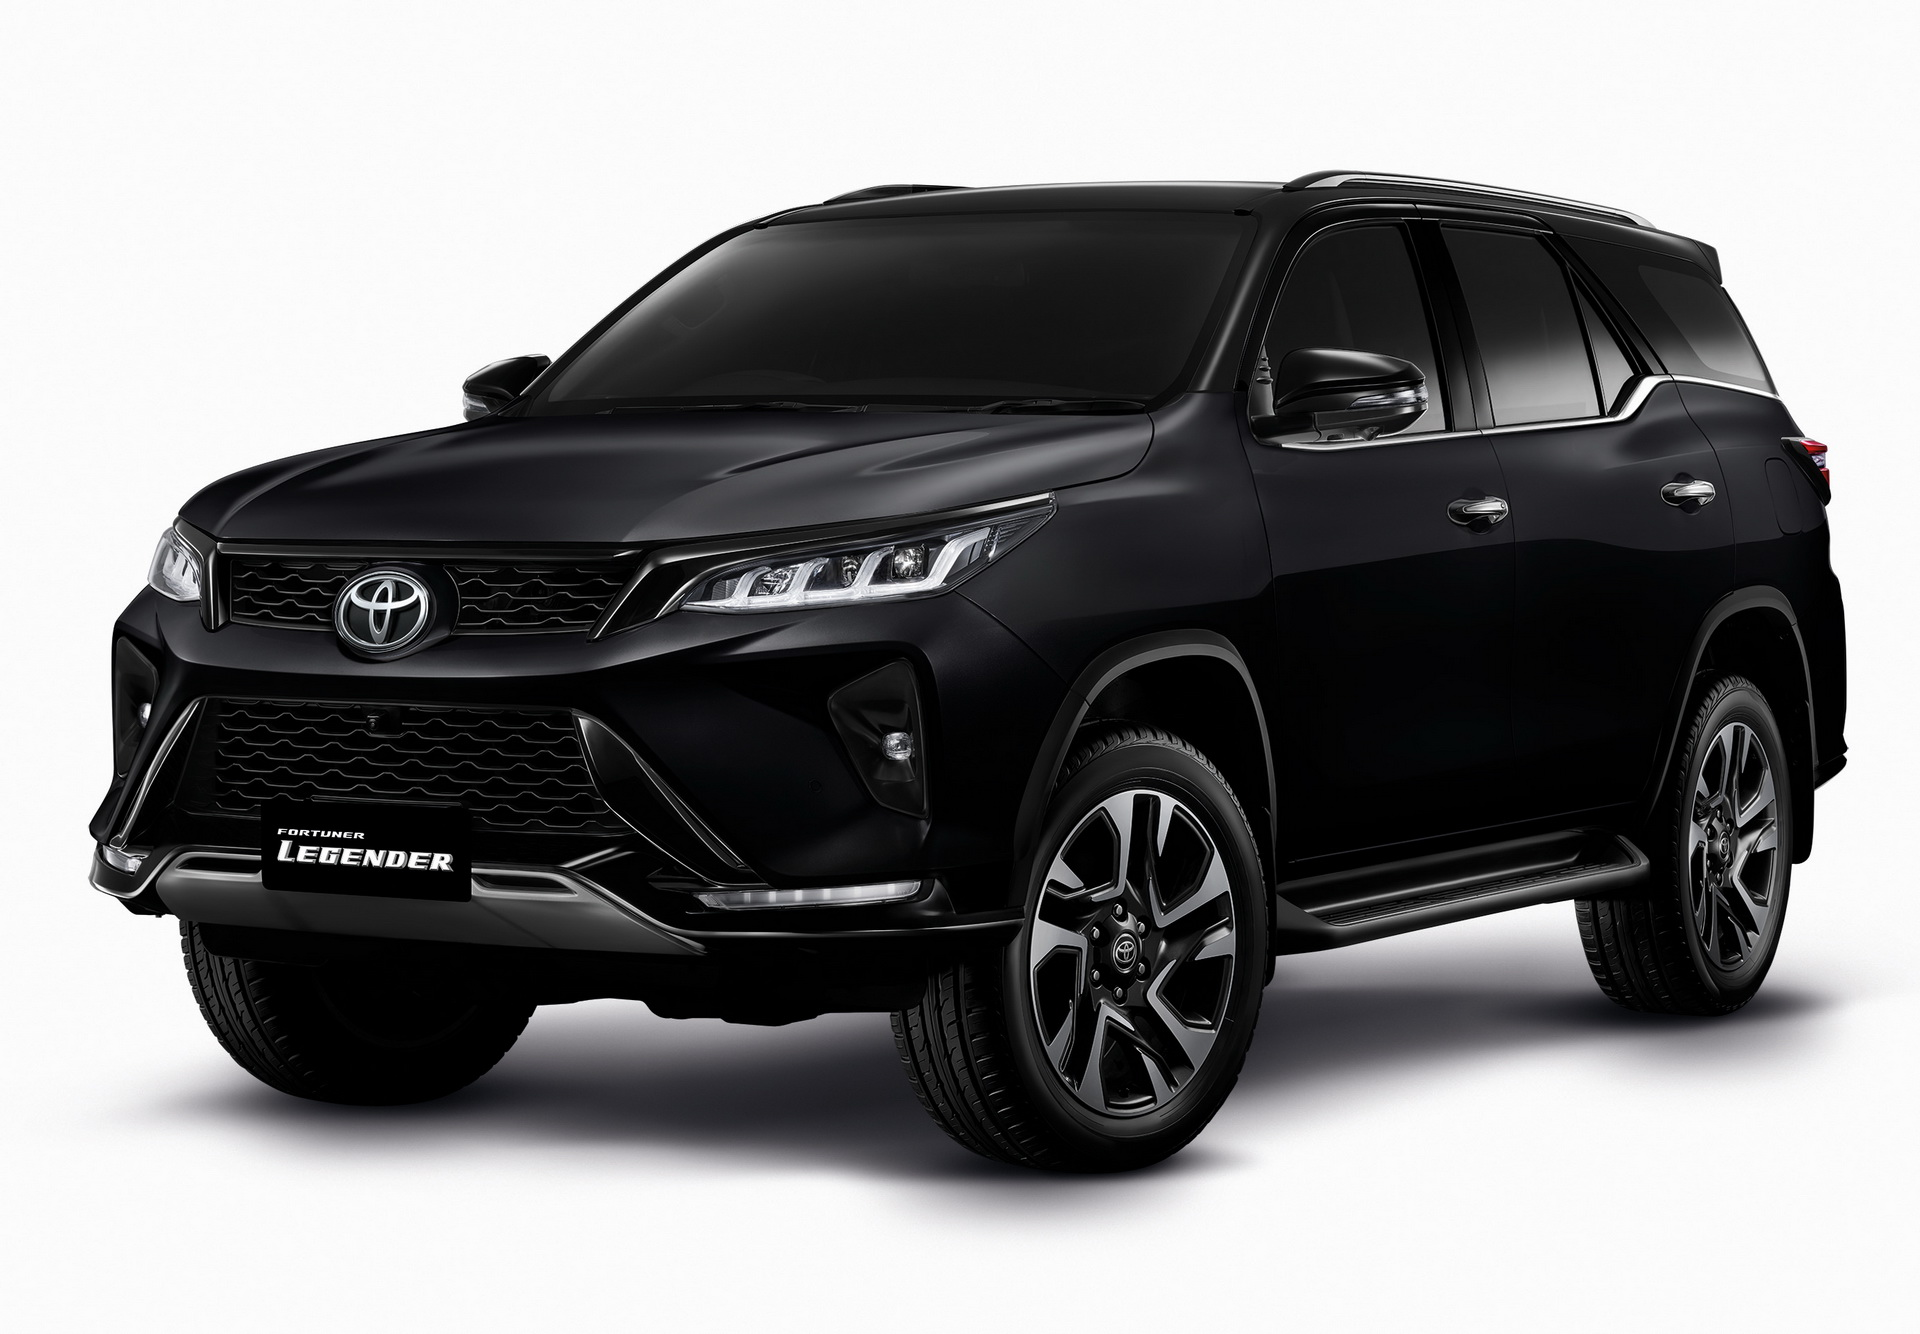 سعر تويوتا فورتشنر 2021 في السعودية Toyota Fortuner المربع نت